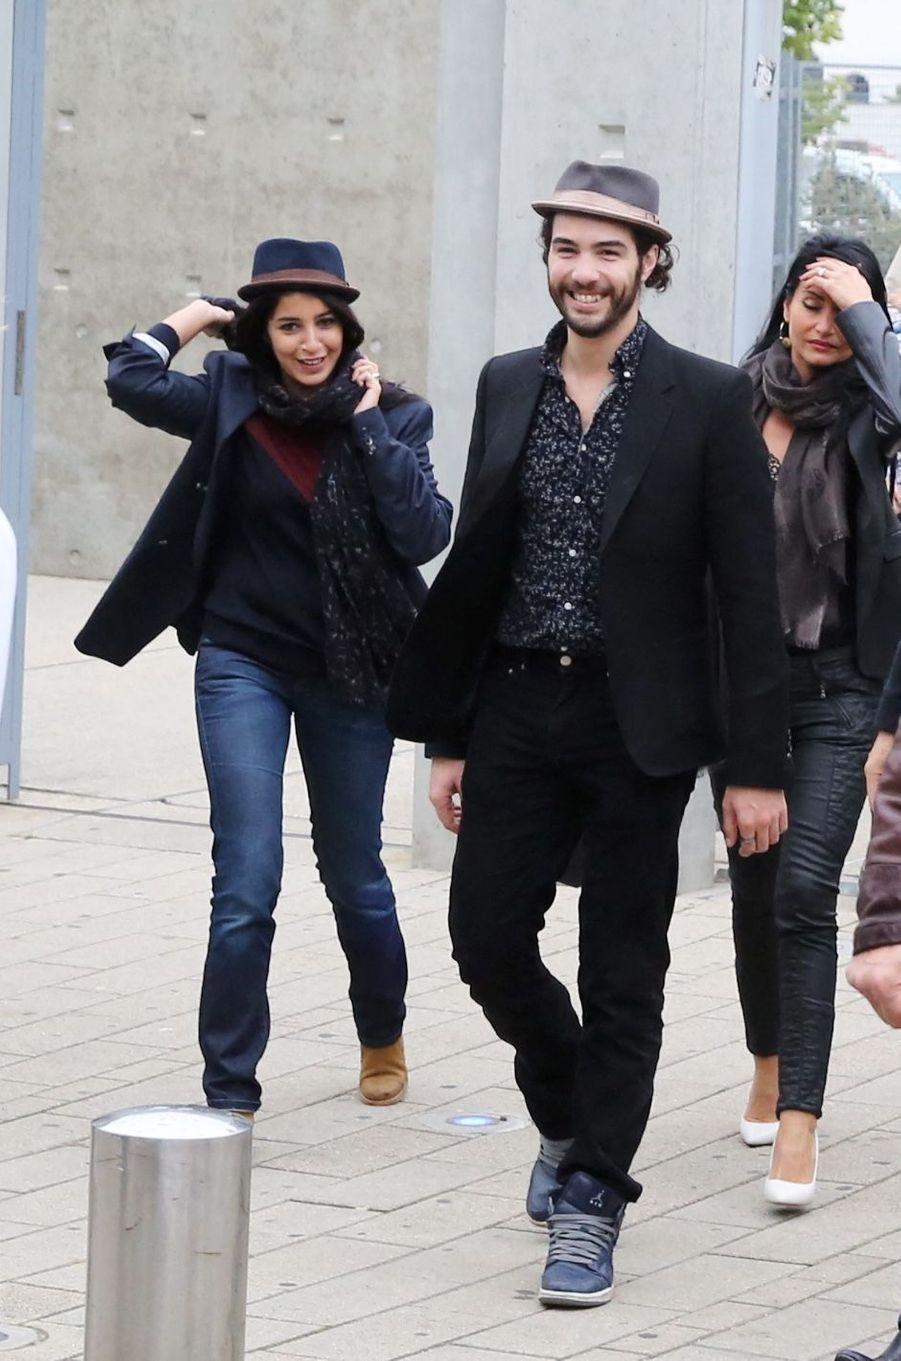 Leïla Bekhti et Tahar Rahim se sont rencontrés en 2008 sur le tournage du film «Un Prophète» et sont tombés amoureux. Ils se sont mariés deux ans plus tard. En 2011, l'actrice recevait le César du meilleur espoir féminin et déclarait sa flamme à son époux.«Je vais finir par remercier mon prince charmant. Avant toi, il n'y avait rien mon cœur. Je t'aime», avait-elle tendrement déclaré. De leur amour est né en 2017 un petit Souleymane.